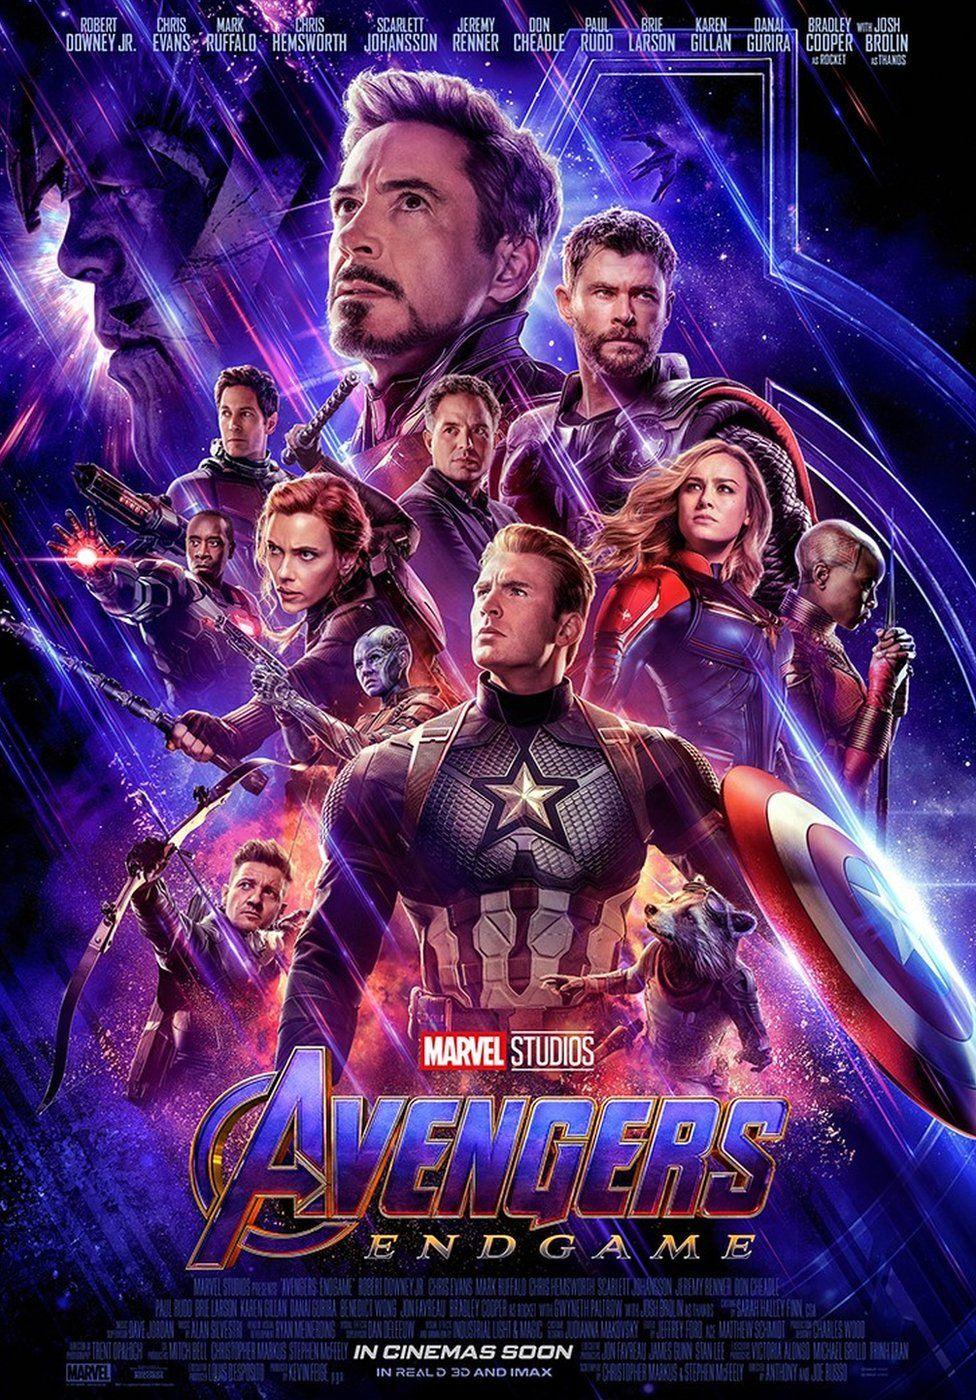 Avengers Endgame: Dead or alive? Marvel confirms surprise death